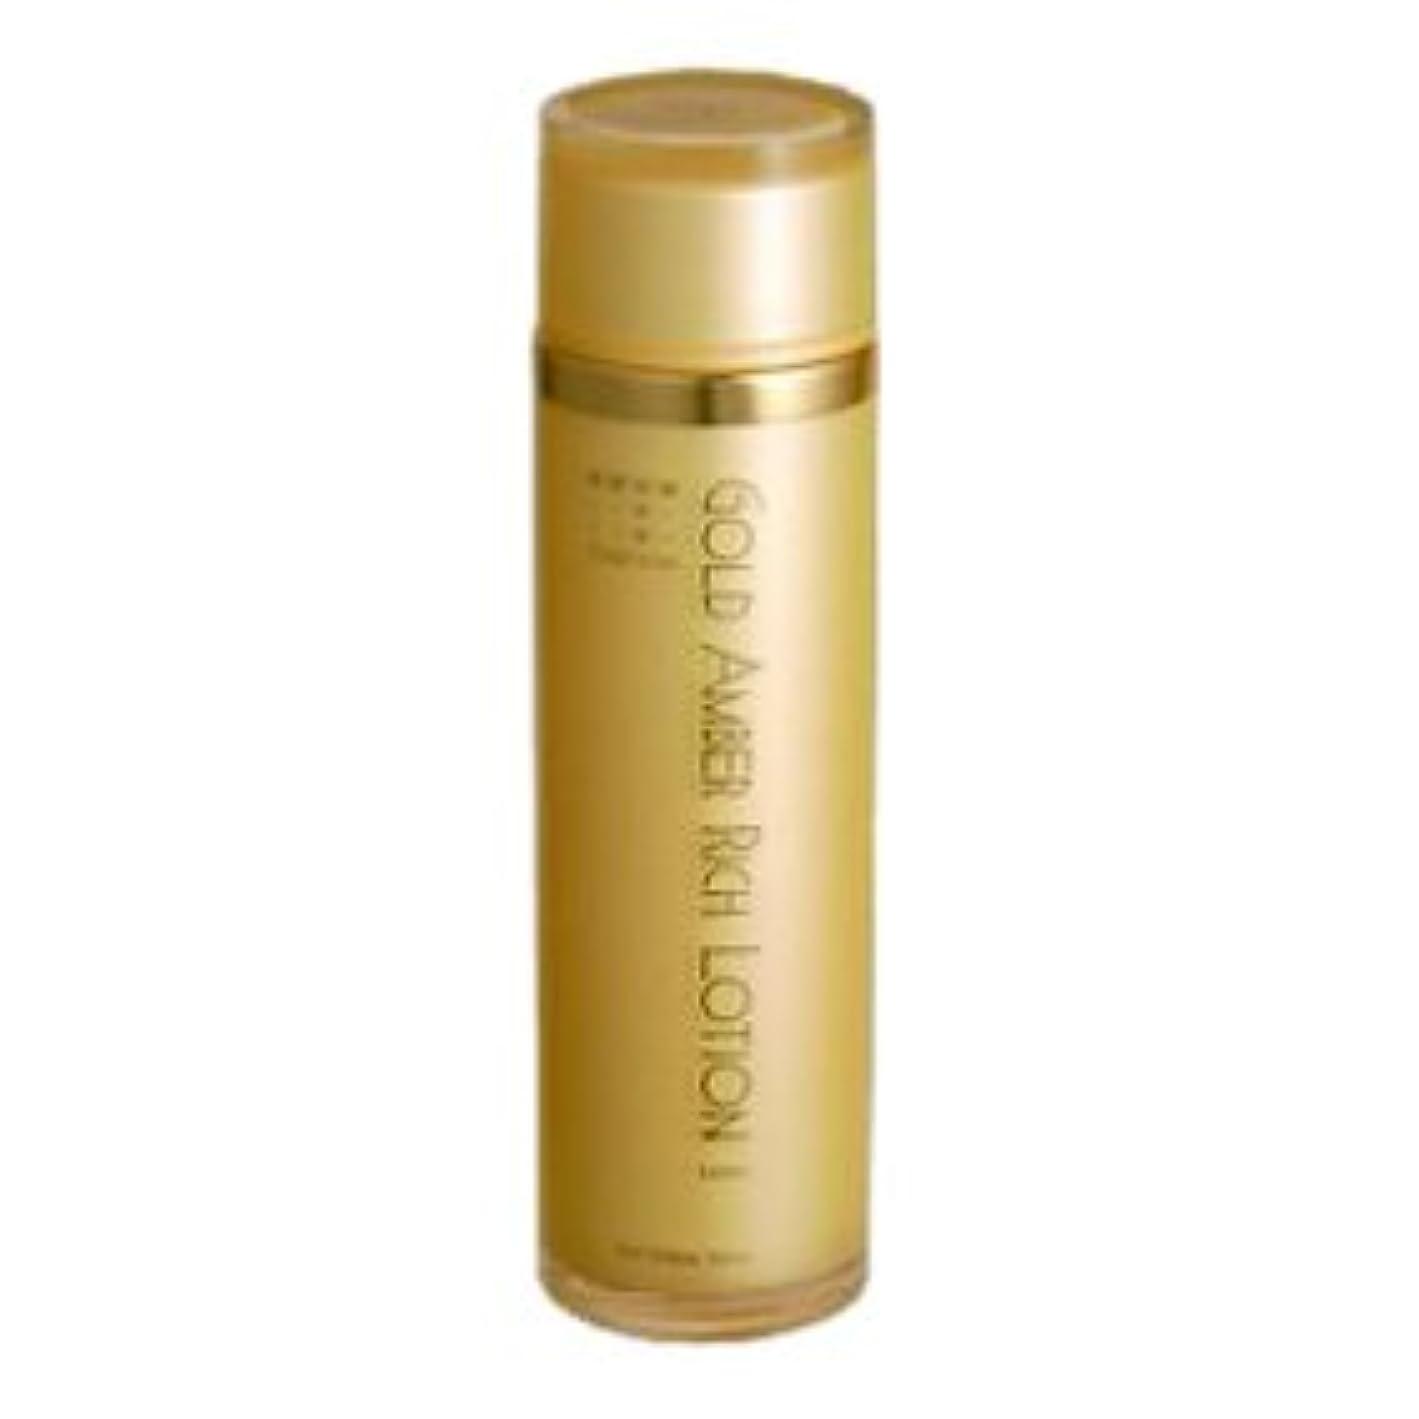 コスメプラウド ゴールドアンバーリッチローション120ml(化粧水)